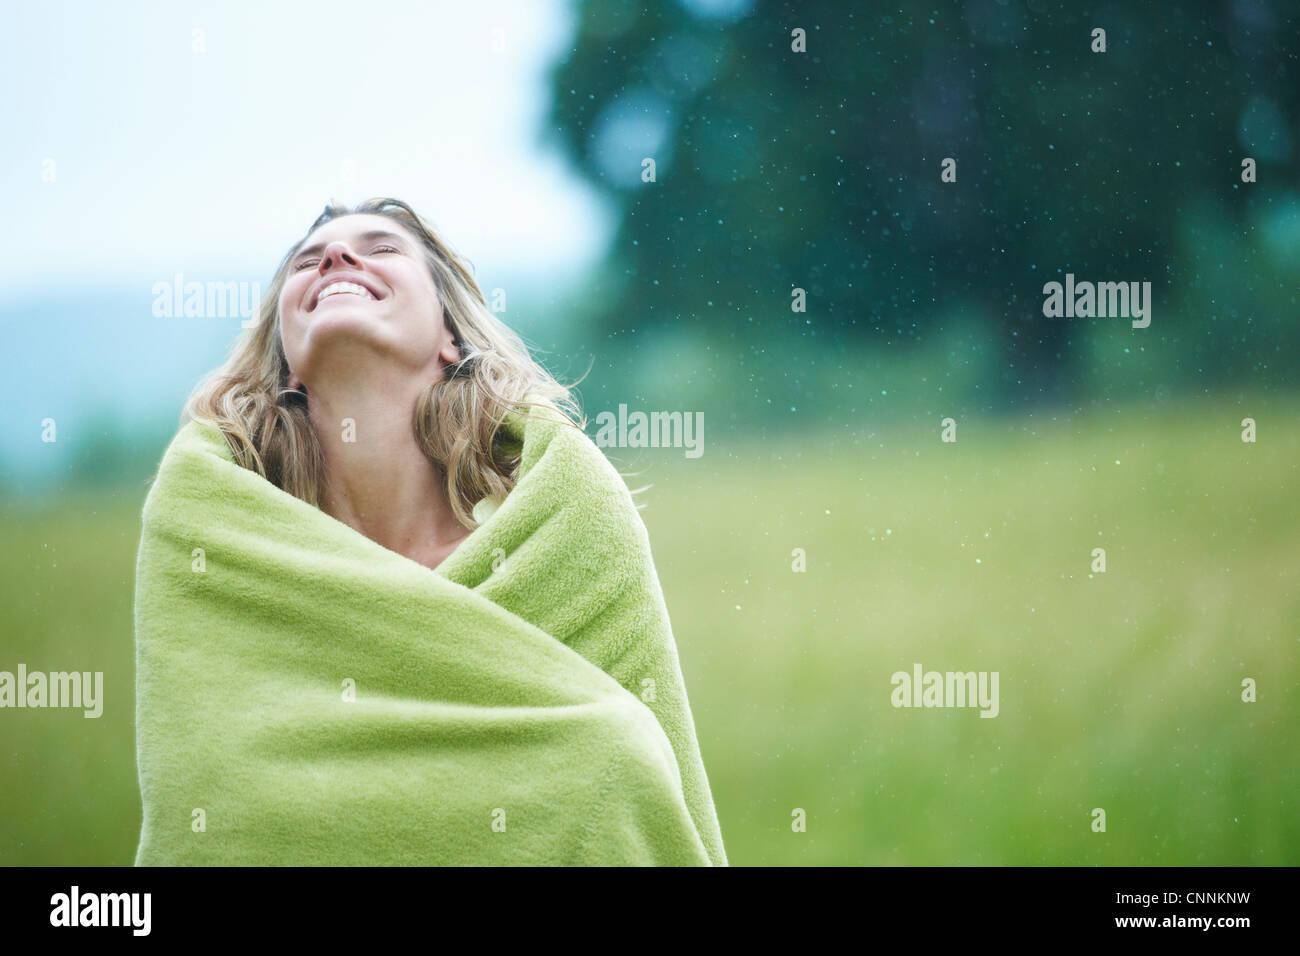 Mujer envuelta en una manta en el exterior Foto de stock